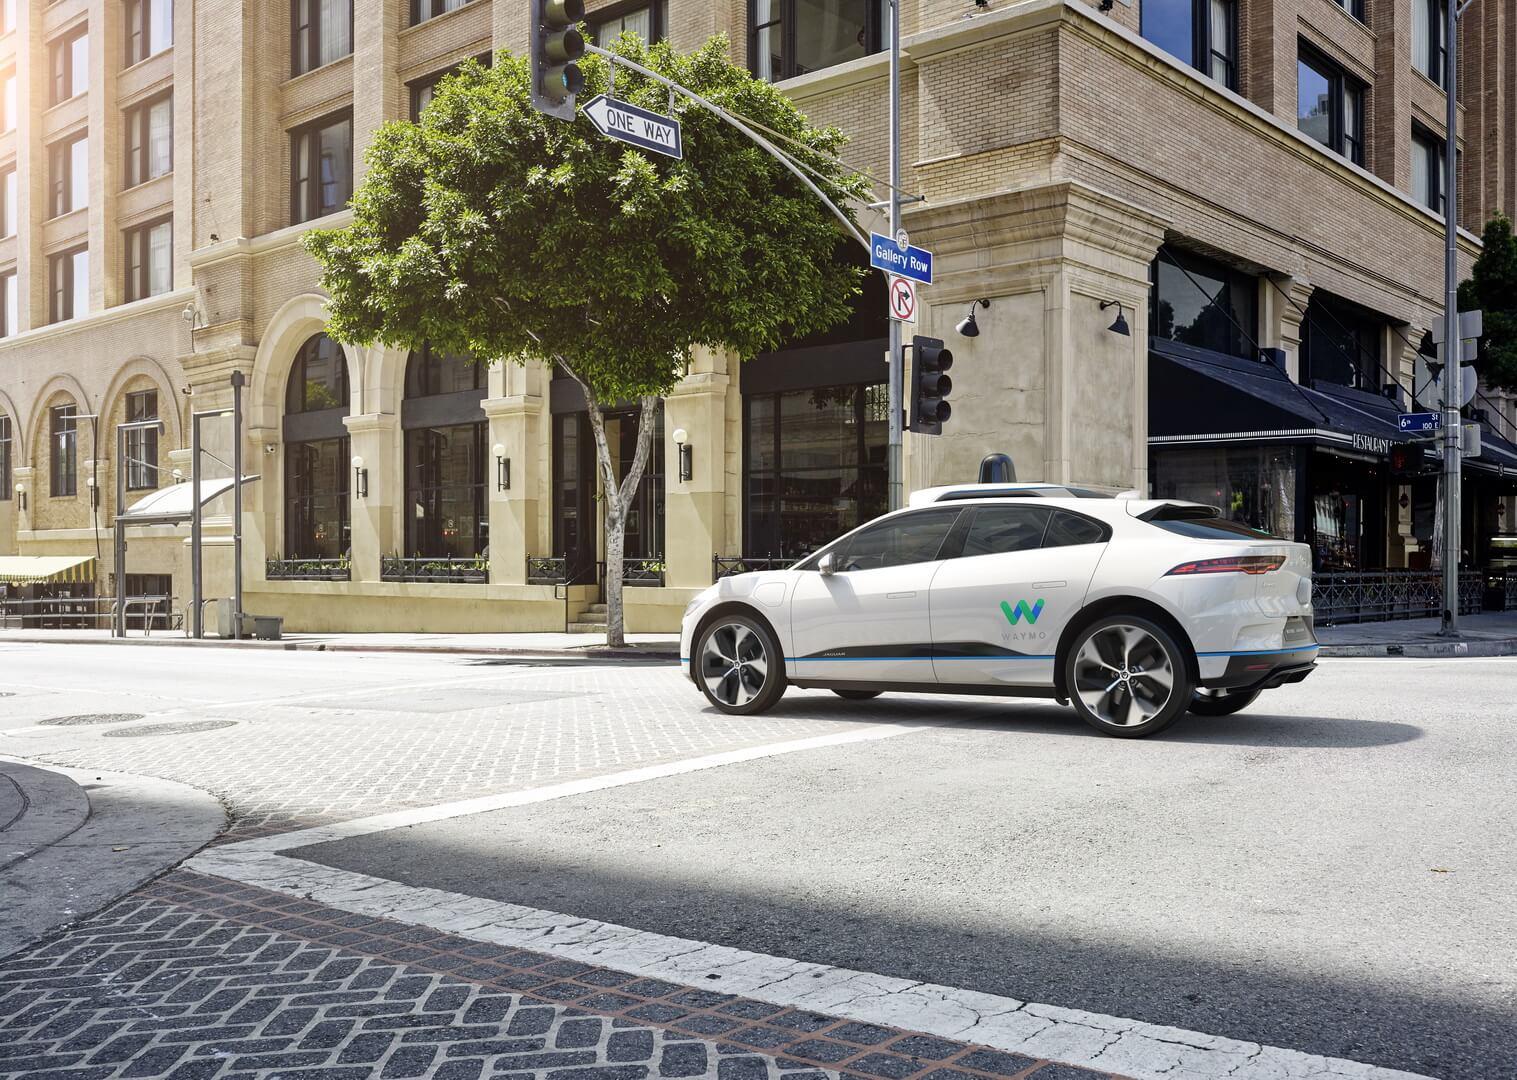 Беспилотный электромобиль премиум-класса Jaguar I-Pace с автономным управлением от Waymo